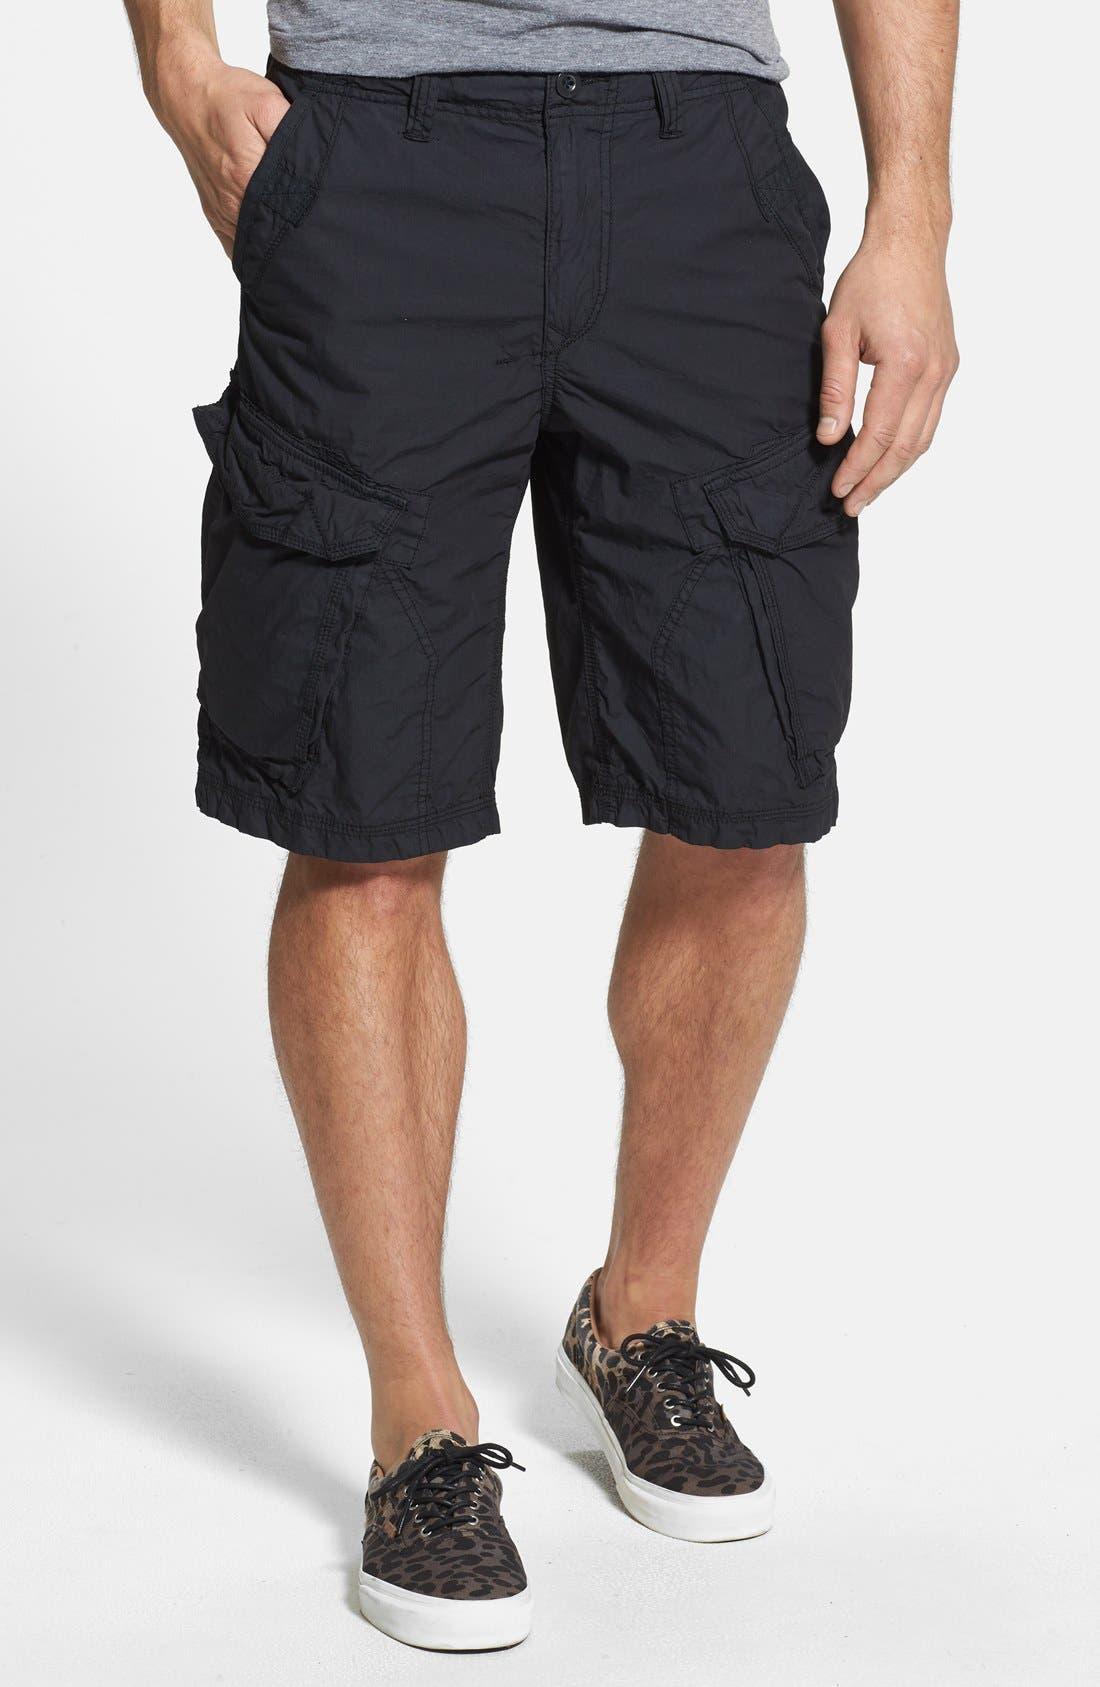 Main Image - Union 'New Duke' Cargo Shorts